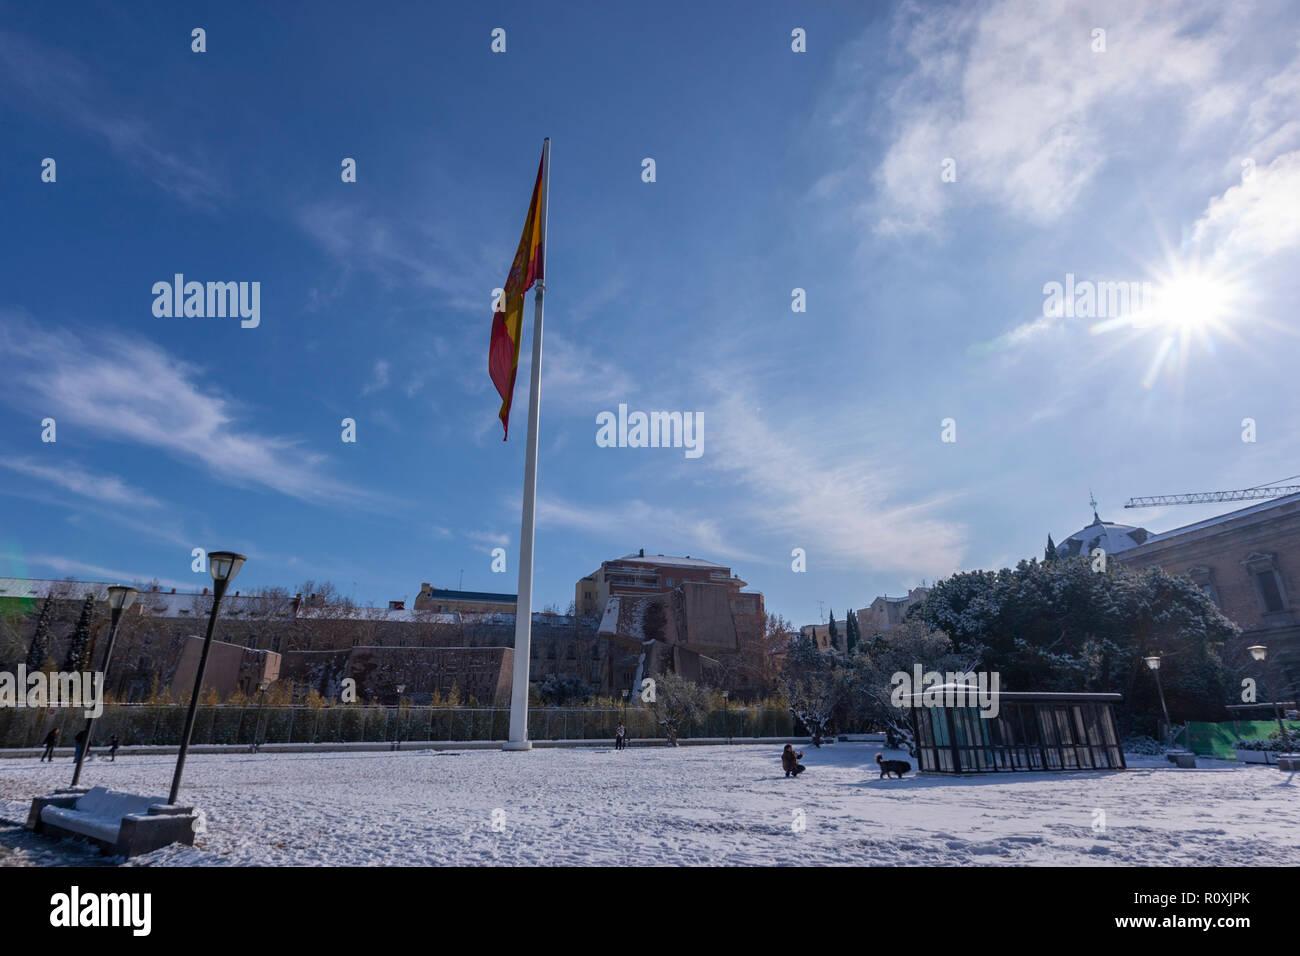 Snow in Plaza de Colón, Jardines del Descubrimiento, with the Colon Towers by Antonio Lamela. Madrid, Spain - Stock Image